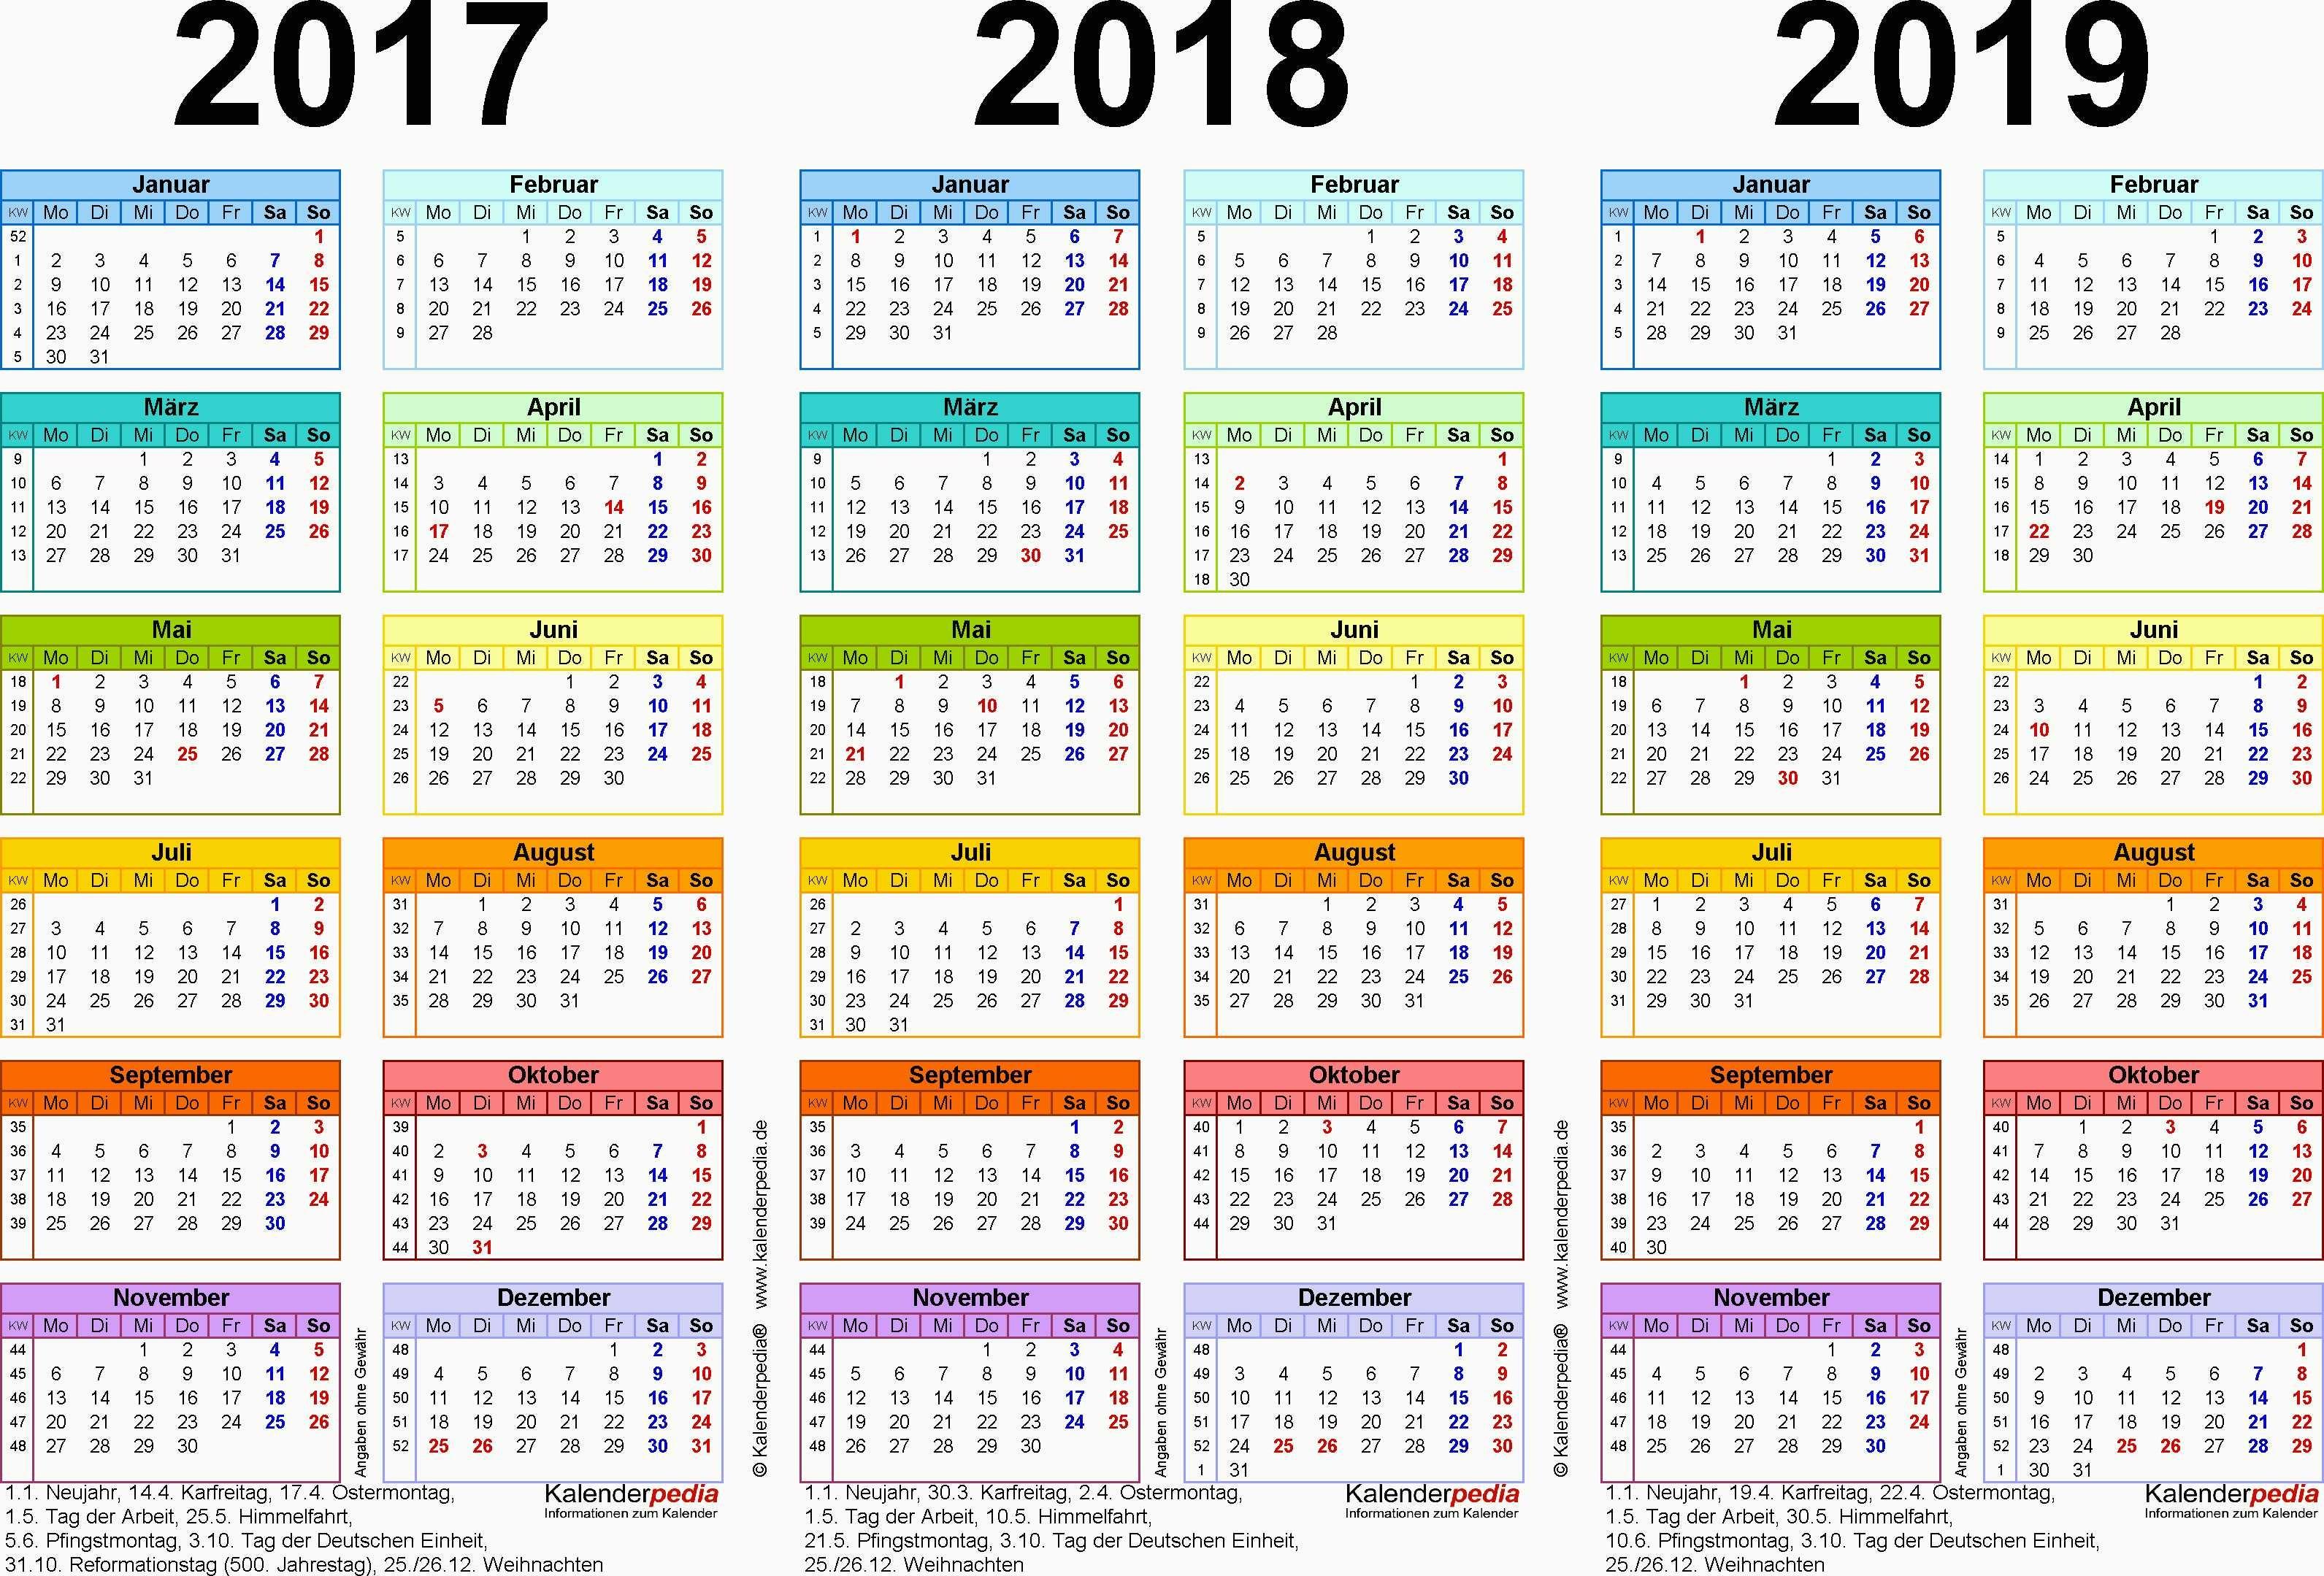 Jahreskalender 2017 Niedersachsen Luxus Dreijahreskalender 2017 2018 2019 Als Excel Vorlagen Zum Ausdrucken